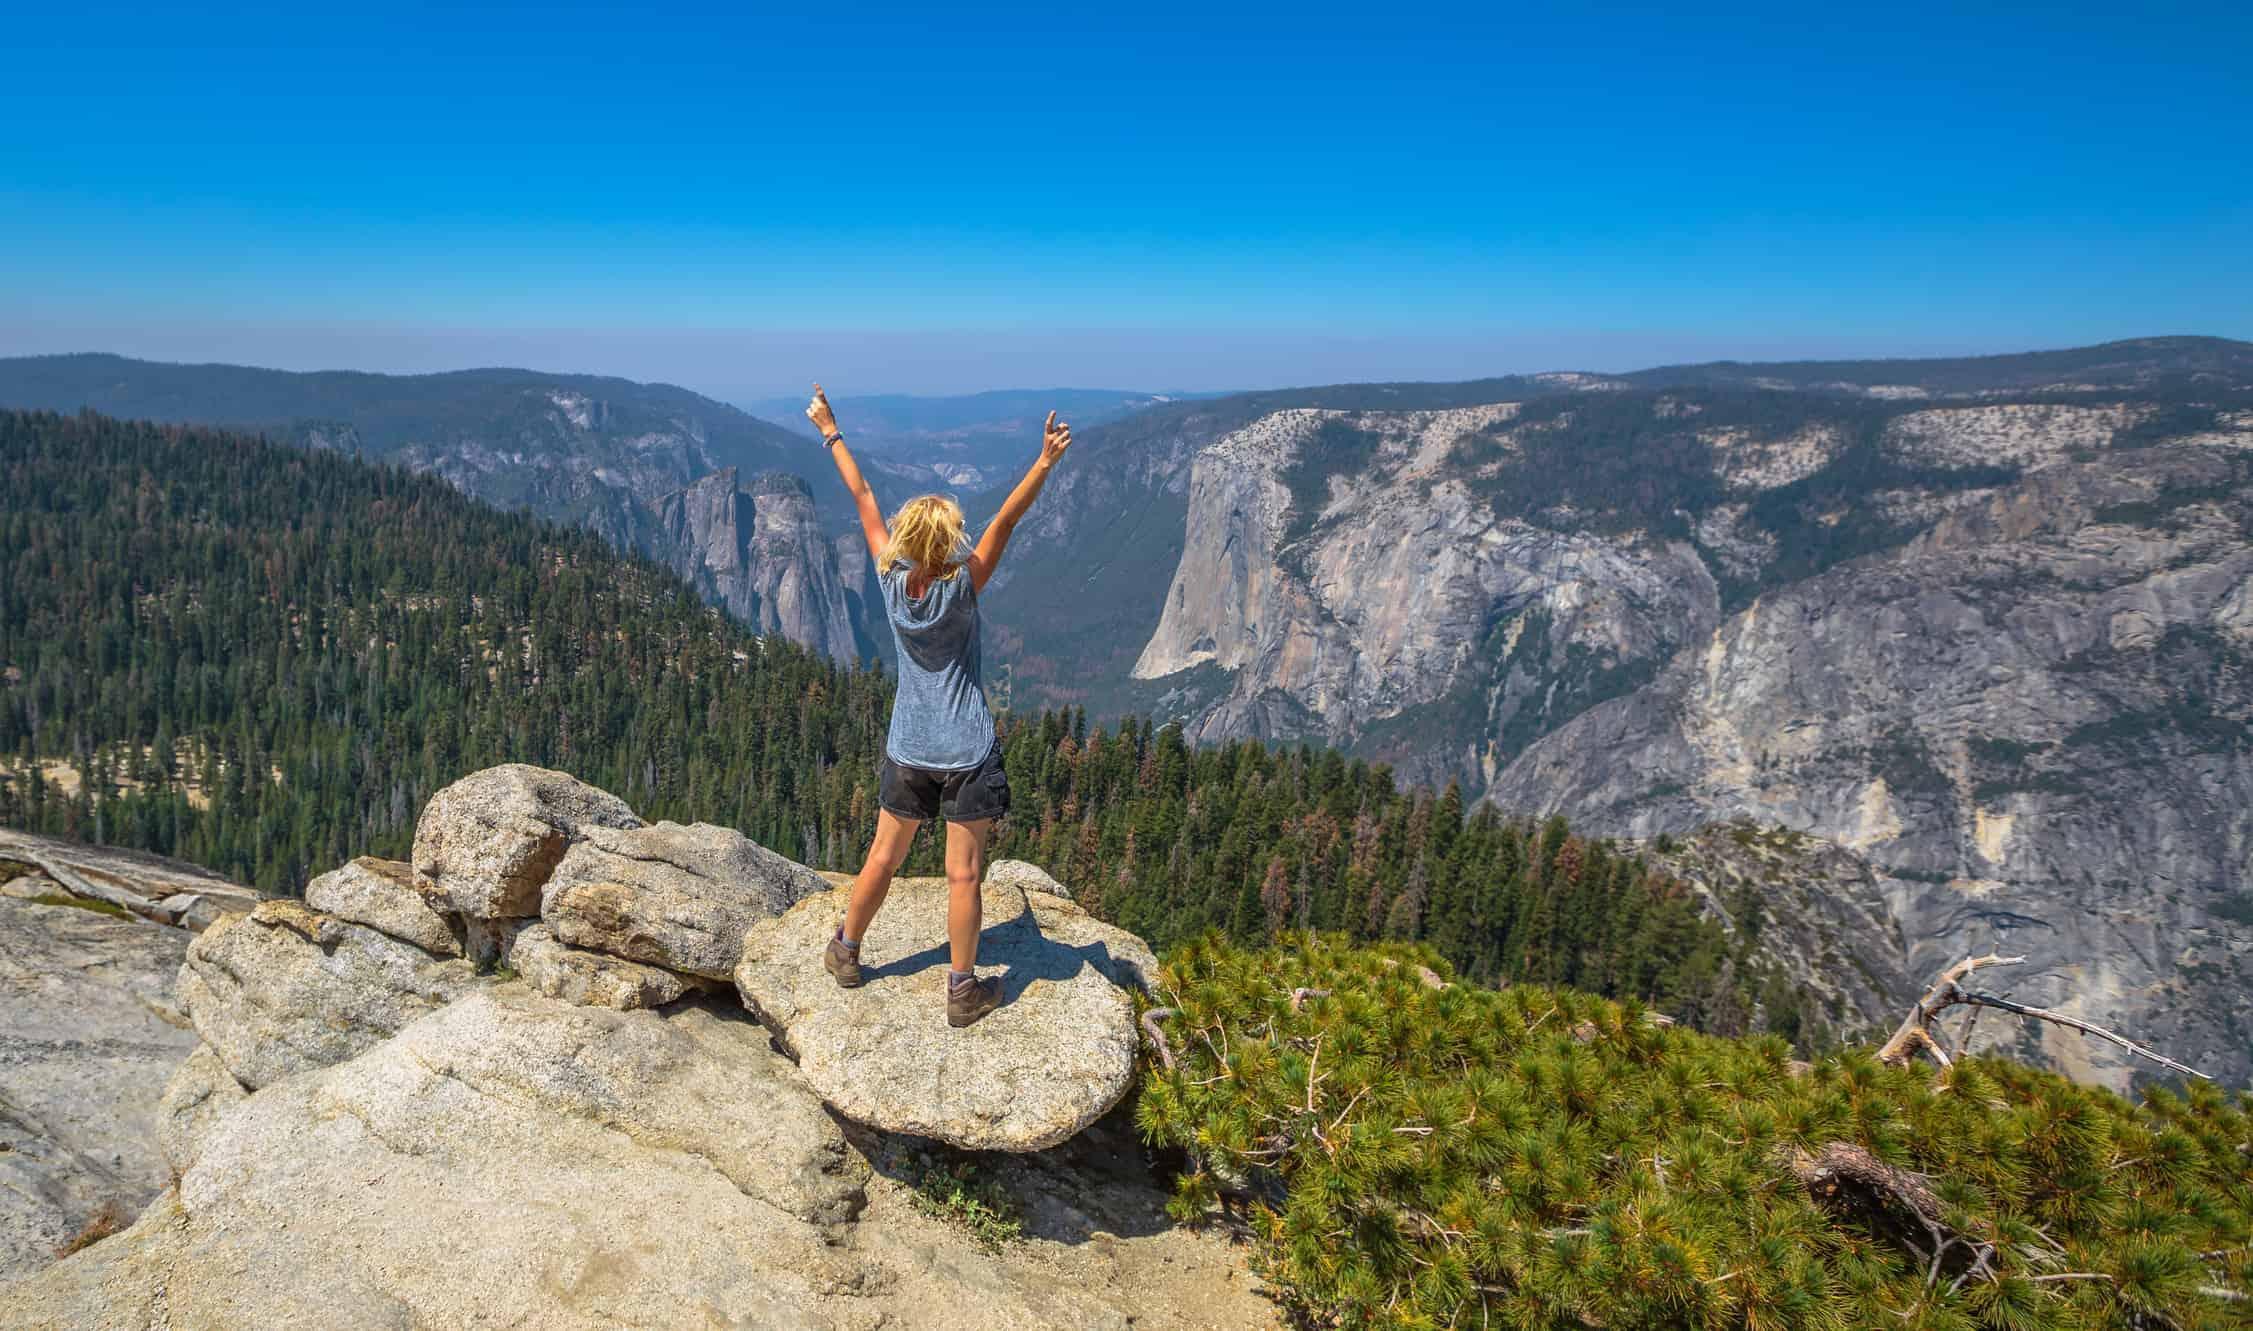 Sydcaliforniens højdepunkter - Risskov Rejser